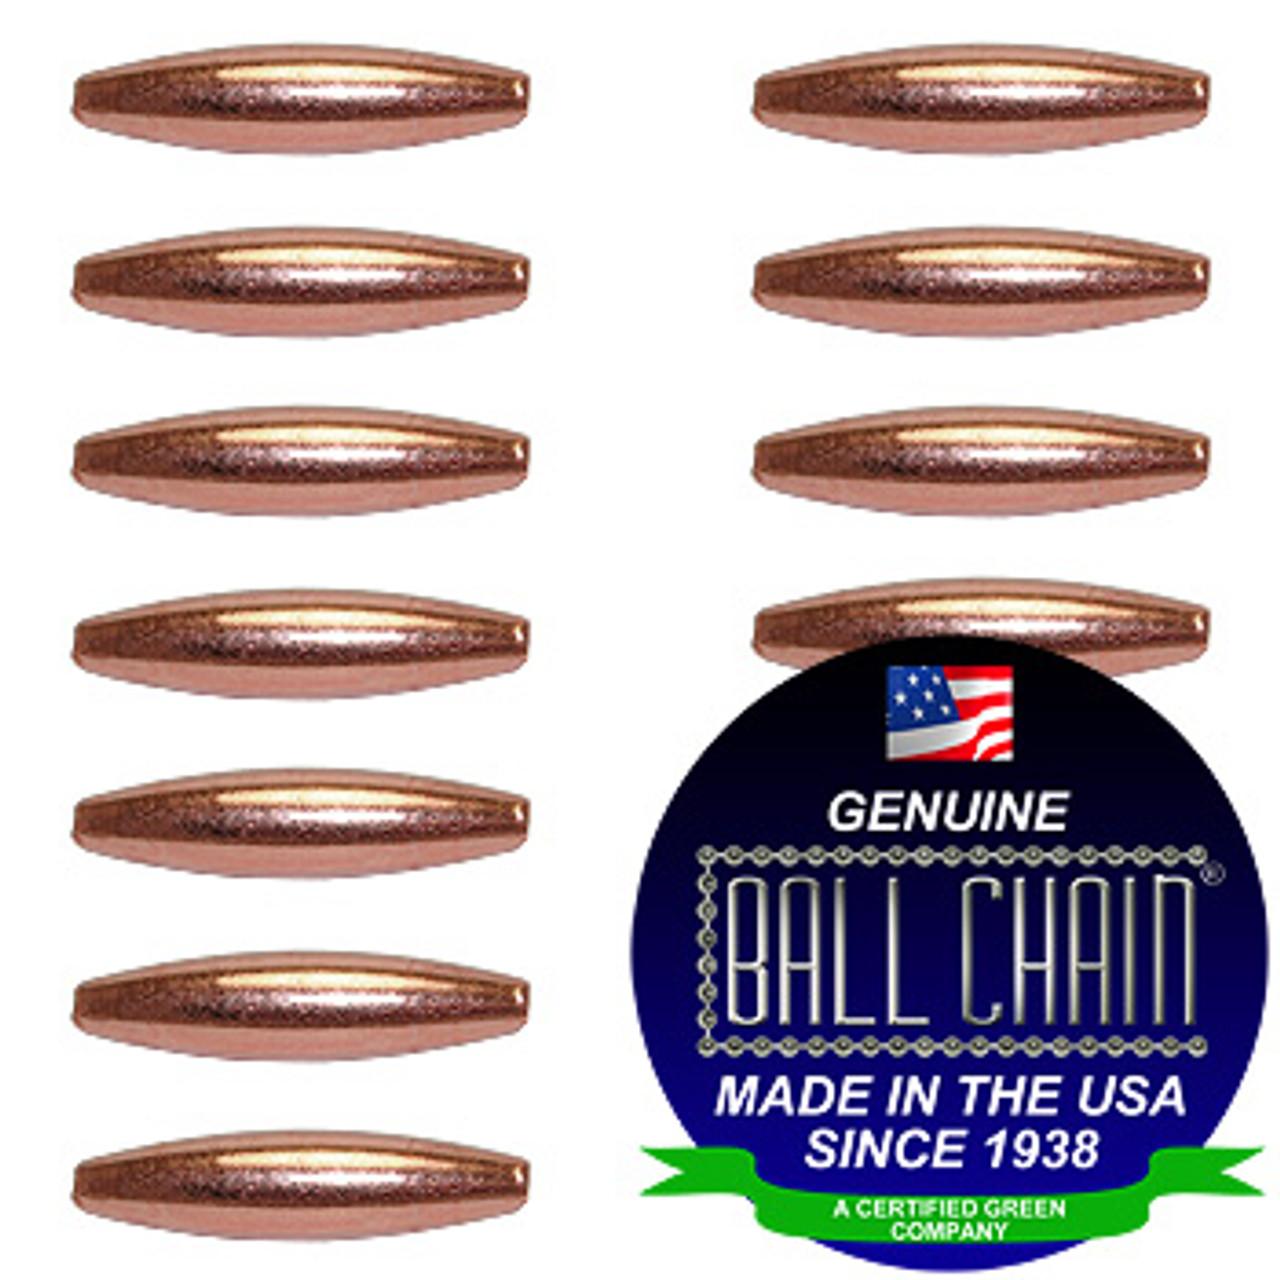 3.2mm x 4.8mm Elliptical Bars - Copper